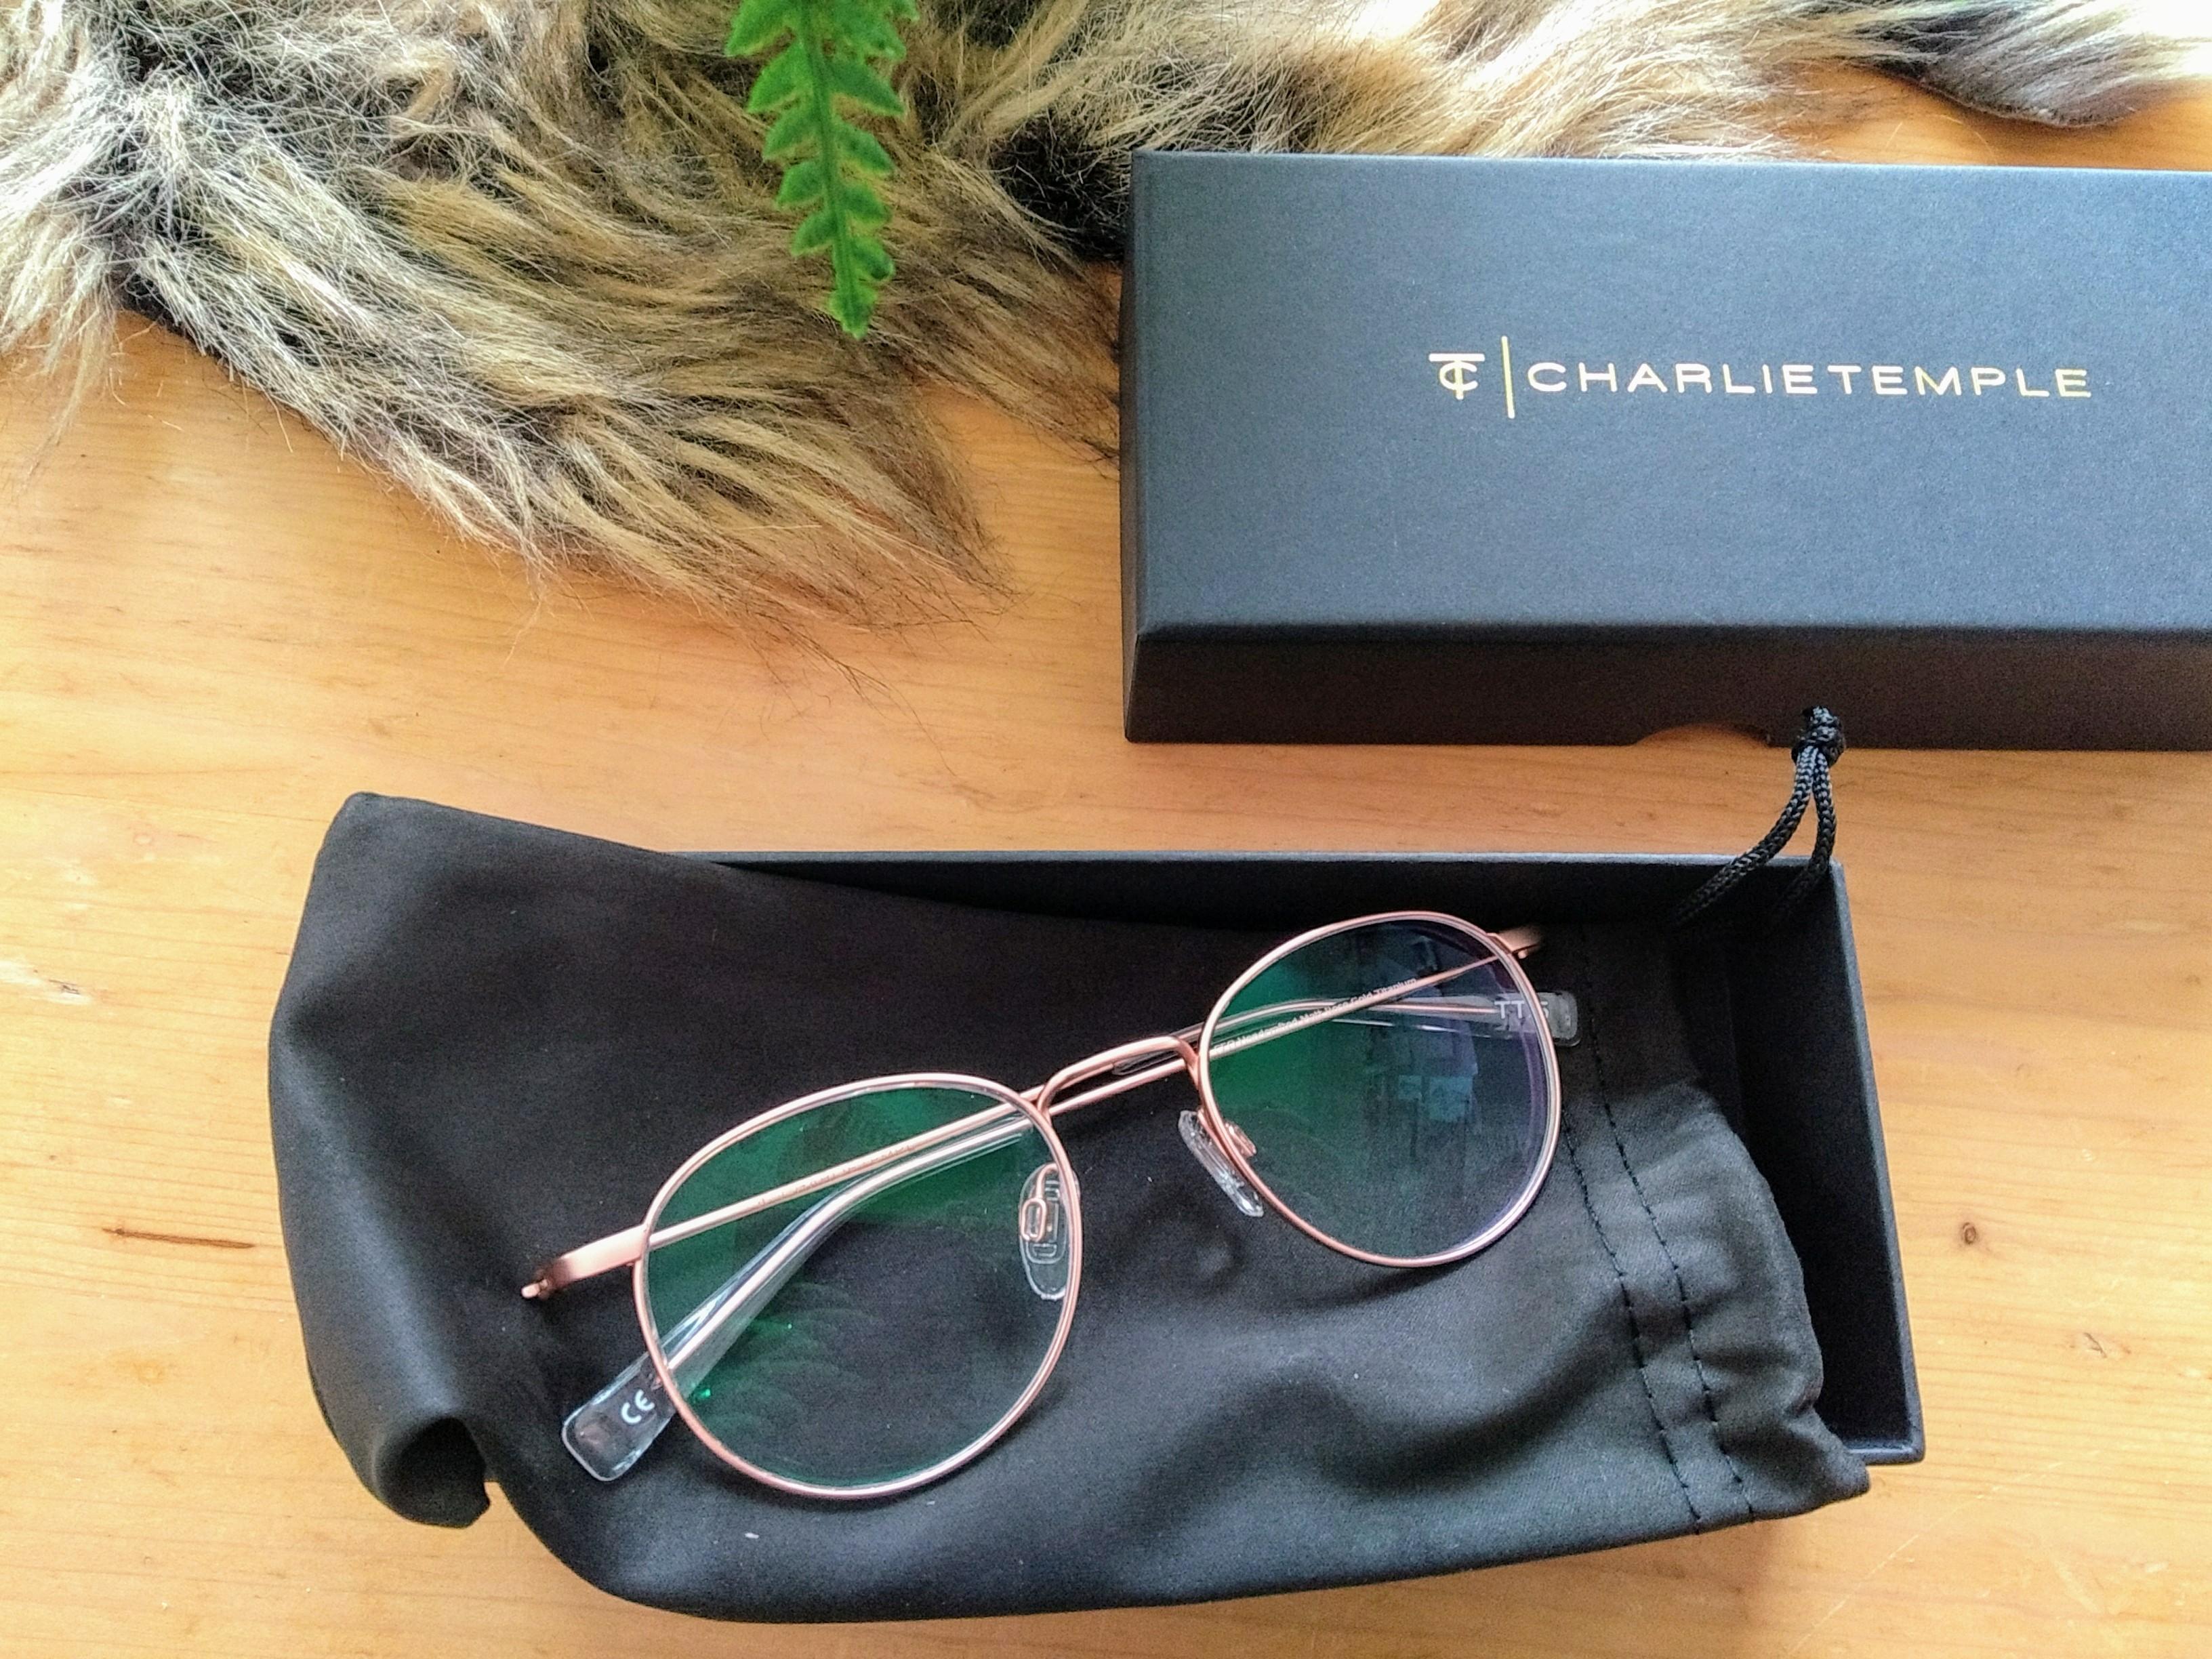 charlietemple, bril, glasses, online, bril online bestellen, bril bestellen, blog, mamablog, hippe bril, mamalifestile, lalog, lalogblog, lalog.nl